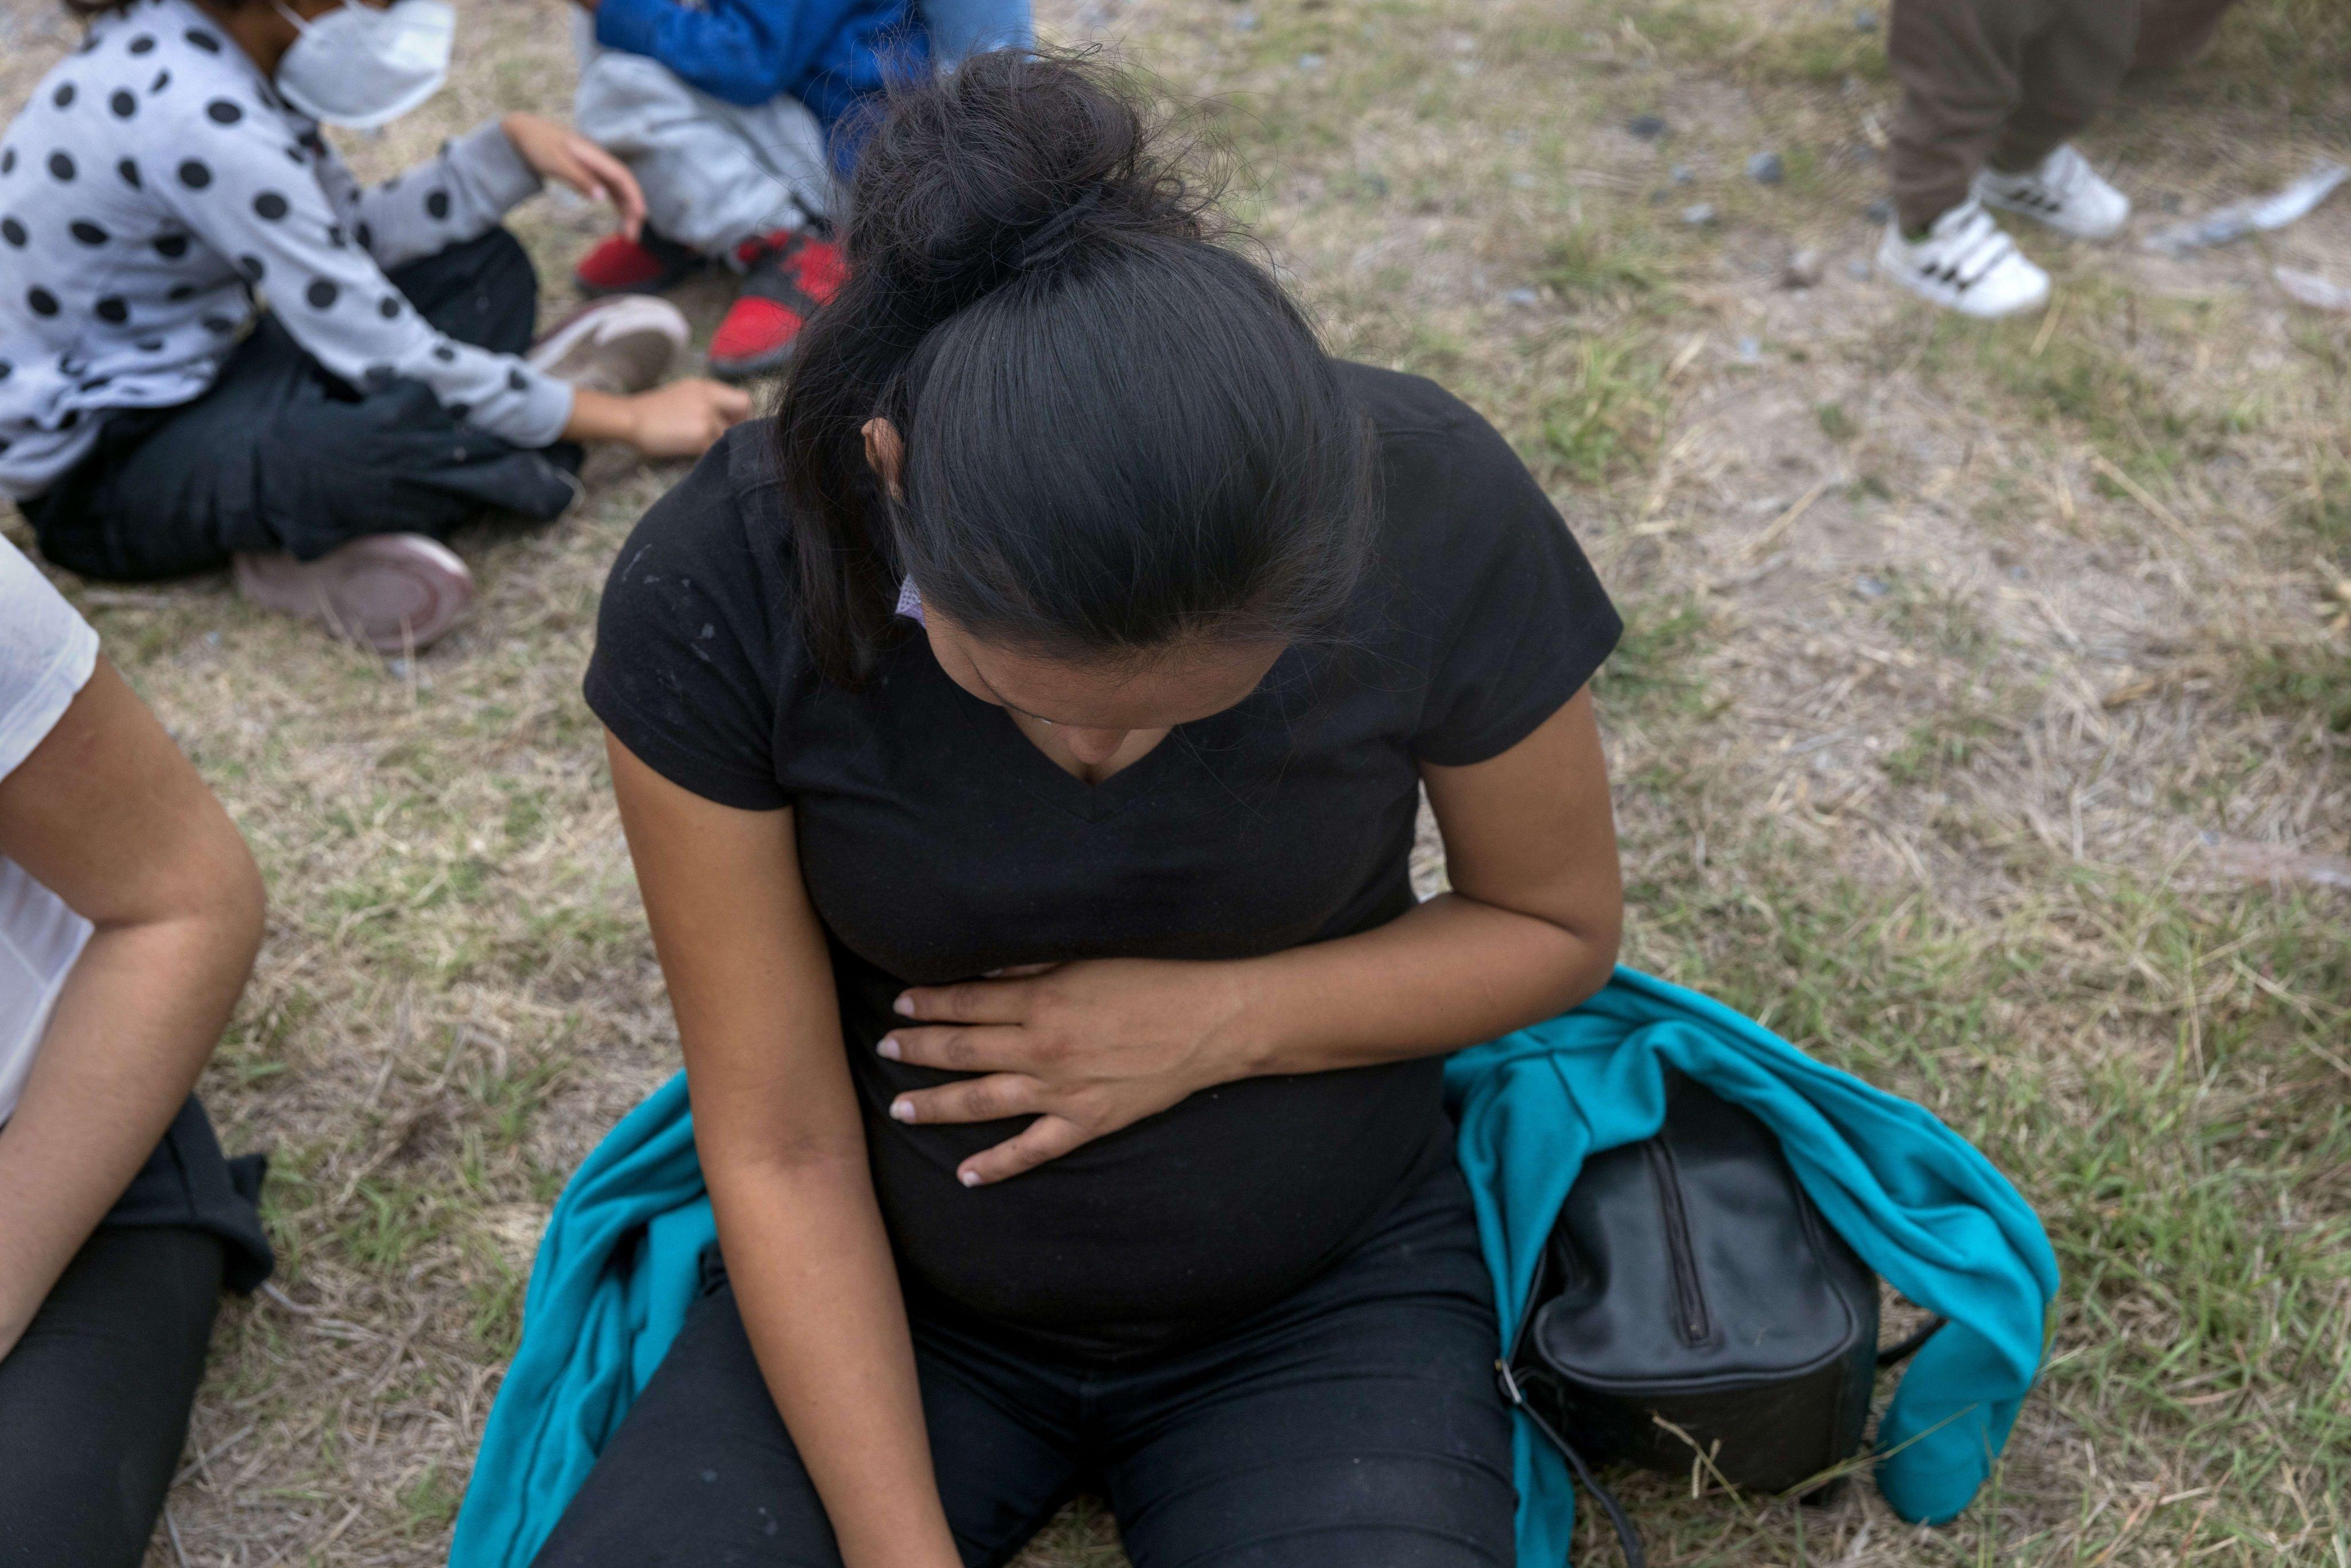 648x415 une femme enceinte au texas illustration